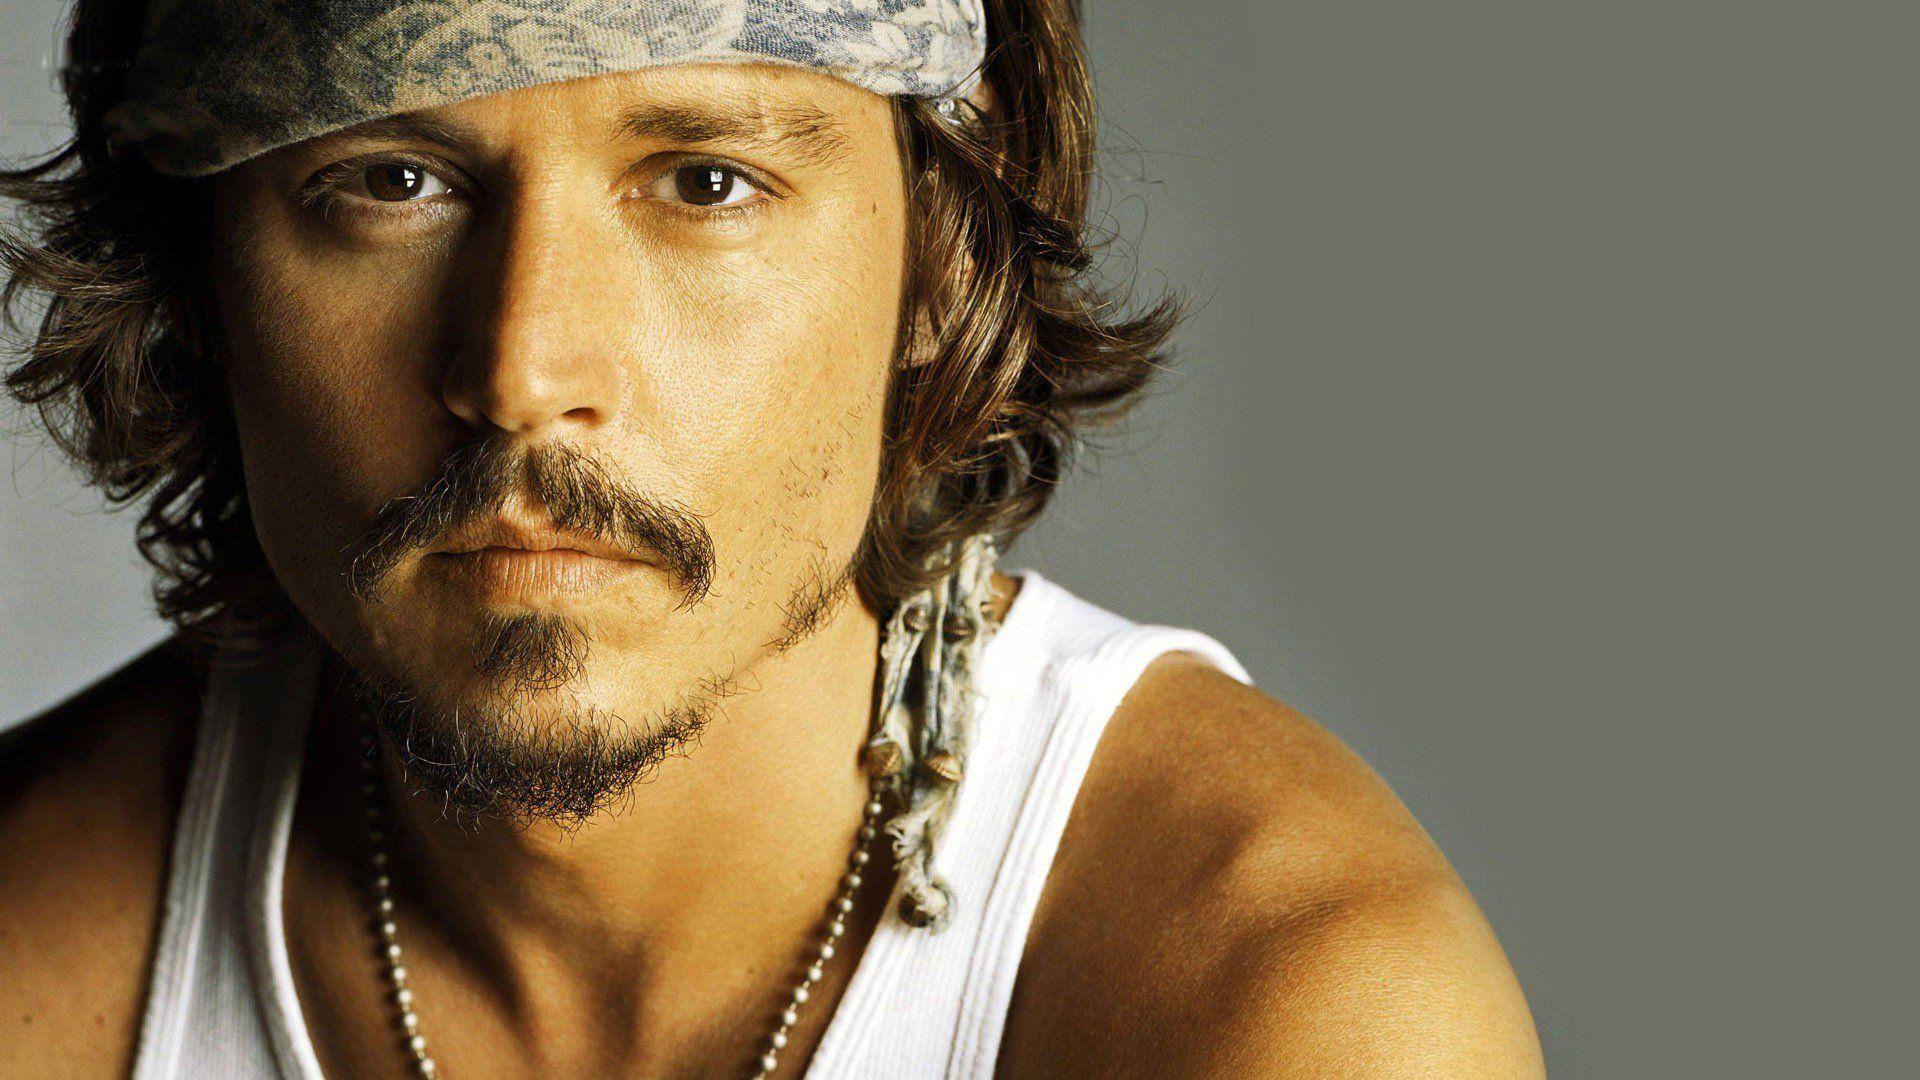 Johnny Depp   Google Search Johnny Depp 3 Johnny depp 1920x1080